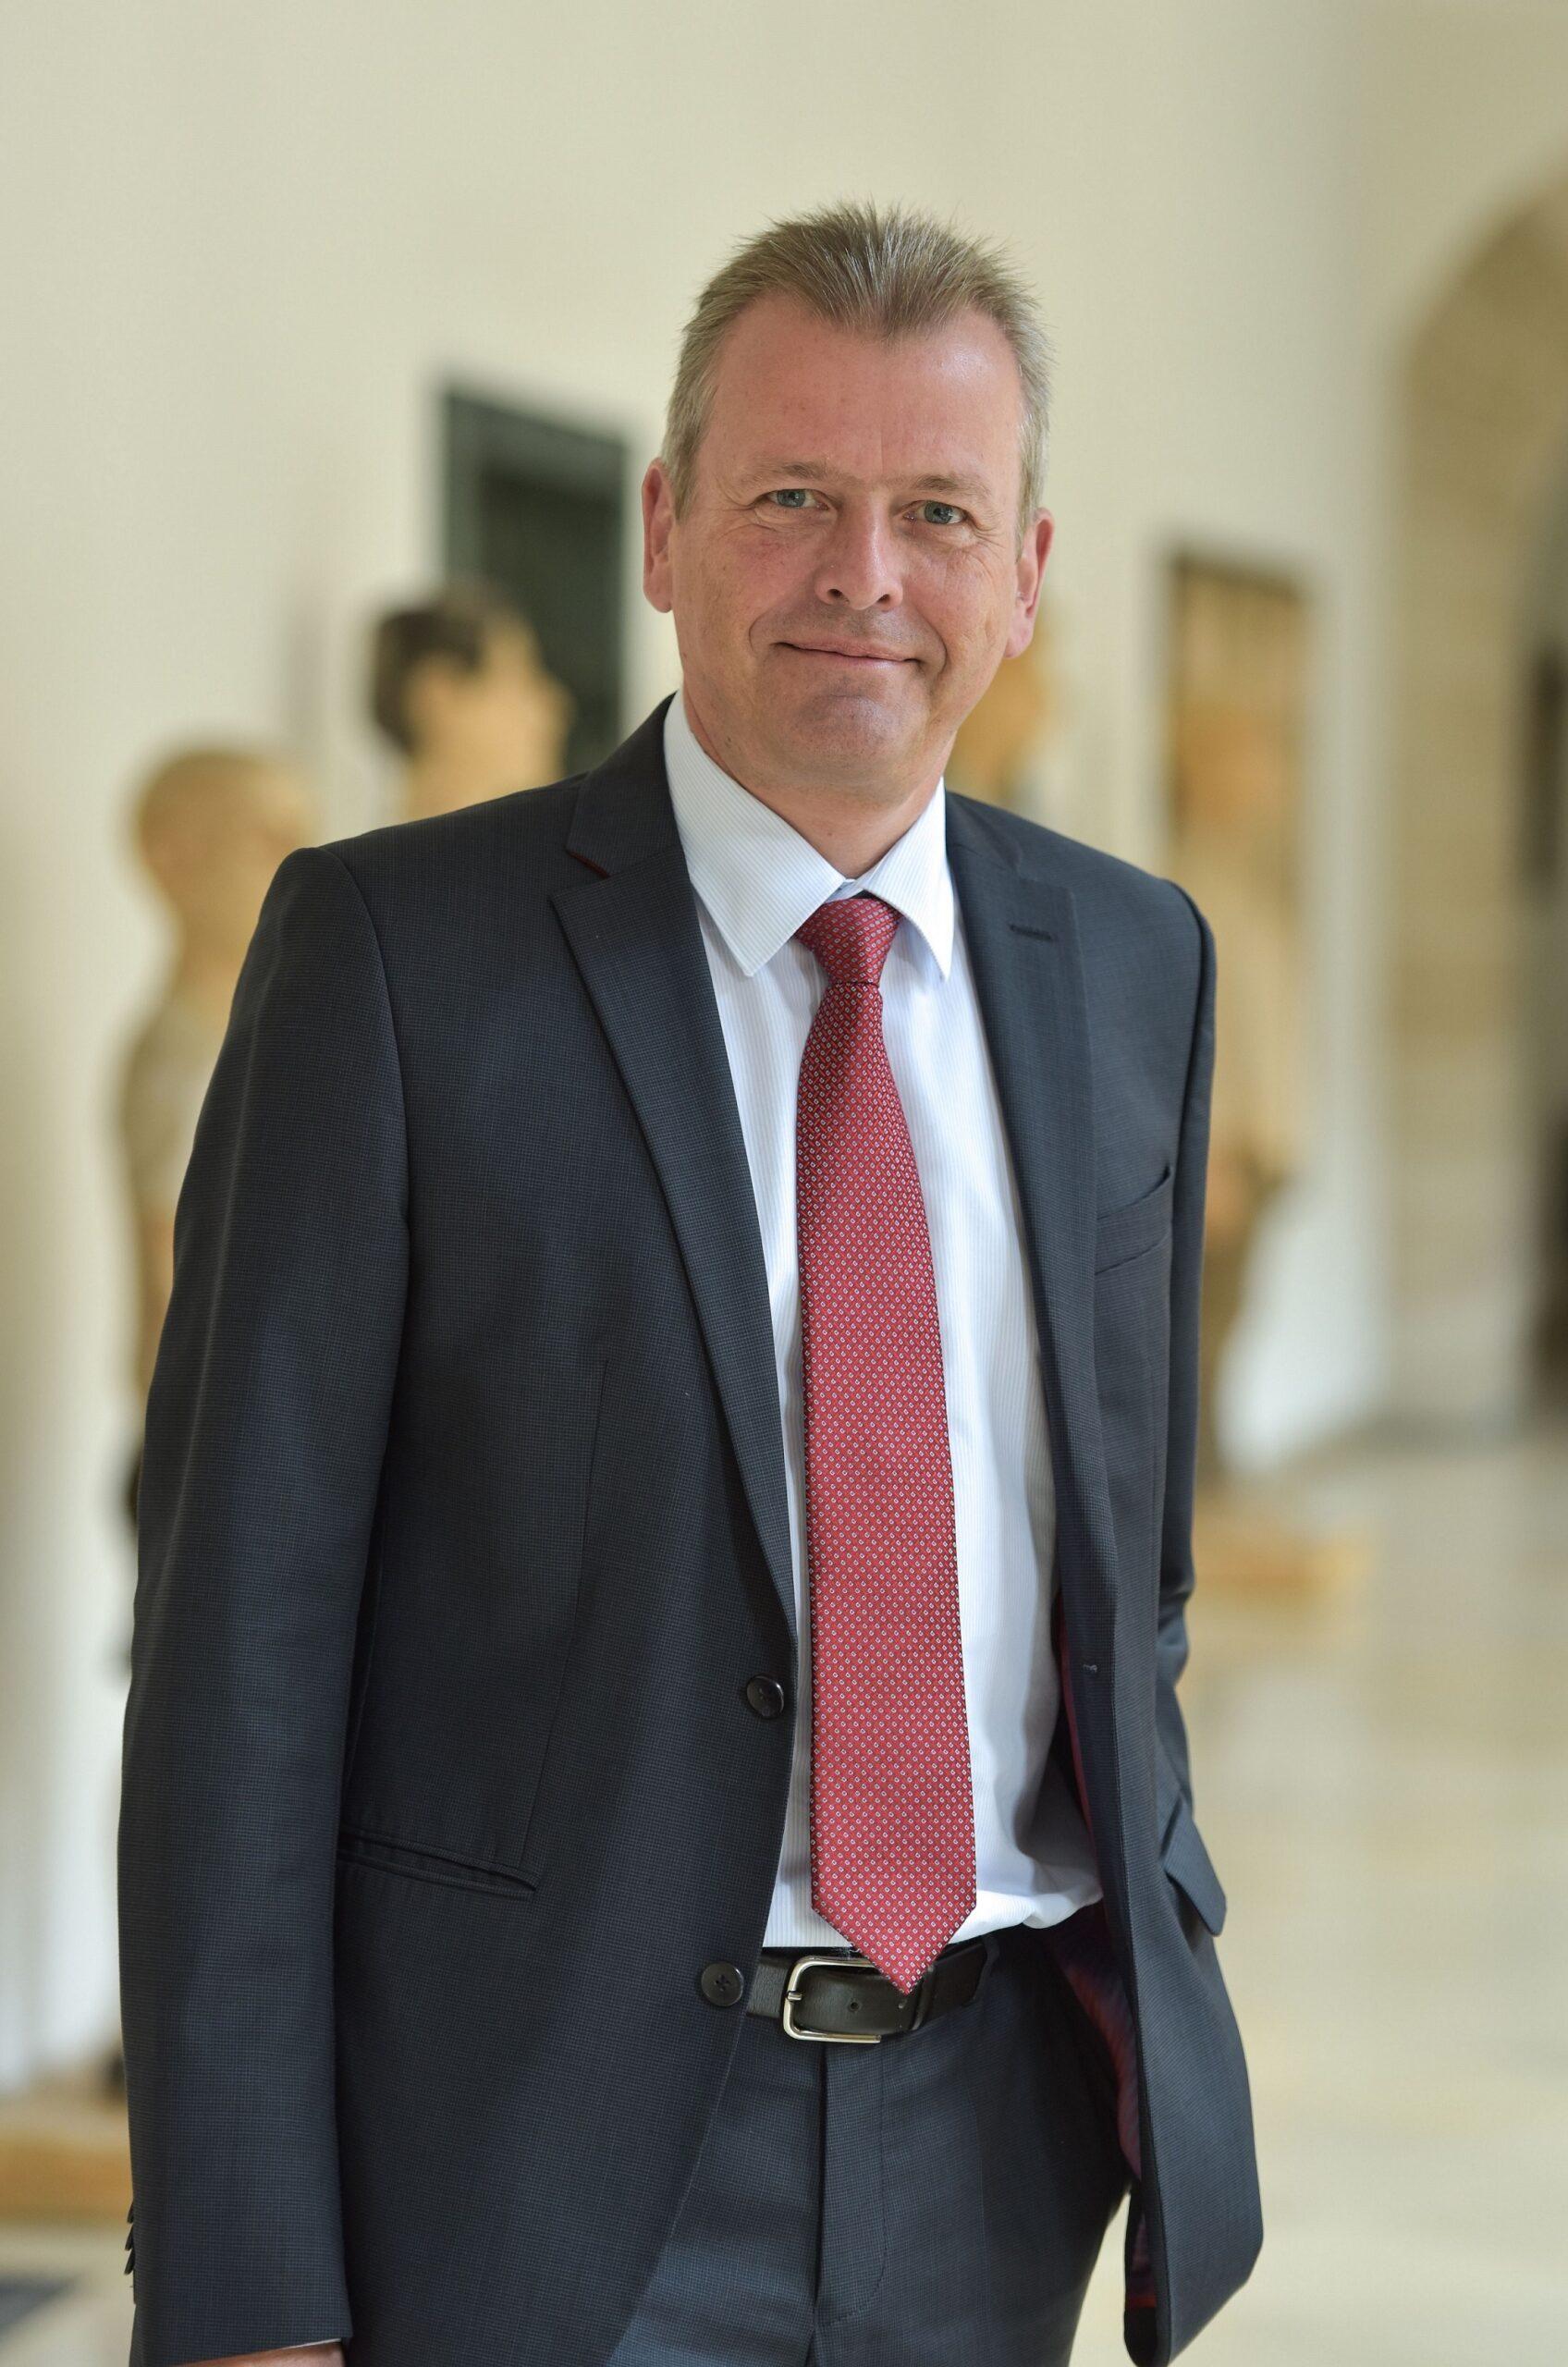 Dr. Ulrich Maly ist neuer Vorstandsvorsitzender der Stiftung Deutsches Hilfswerk. Foto: Stadt Nürnberg/Christine Dierenbach